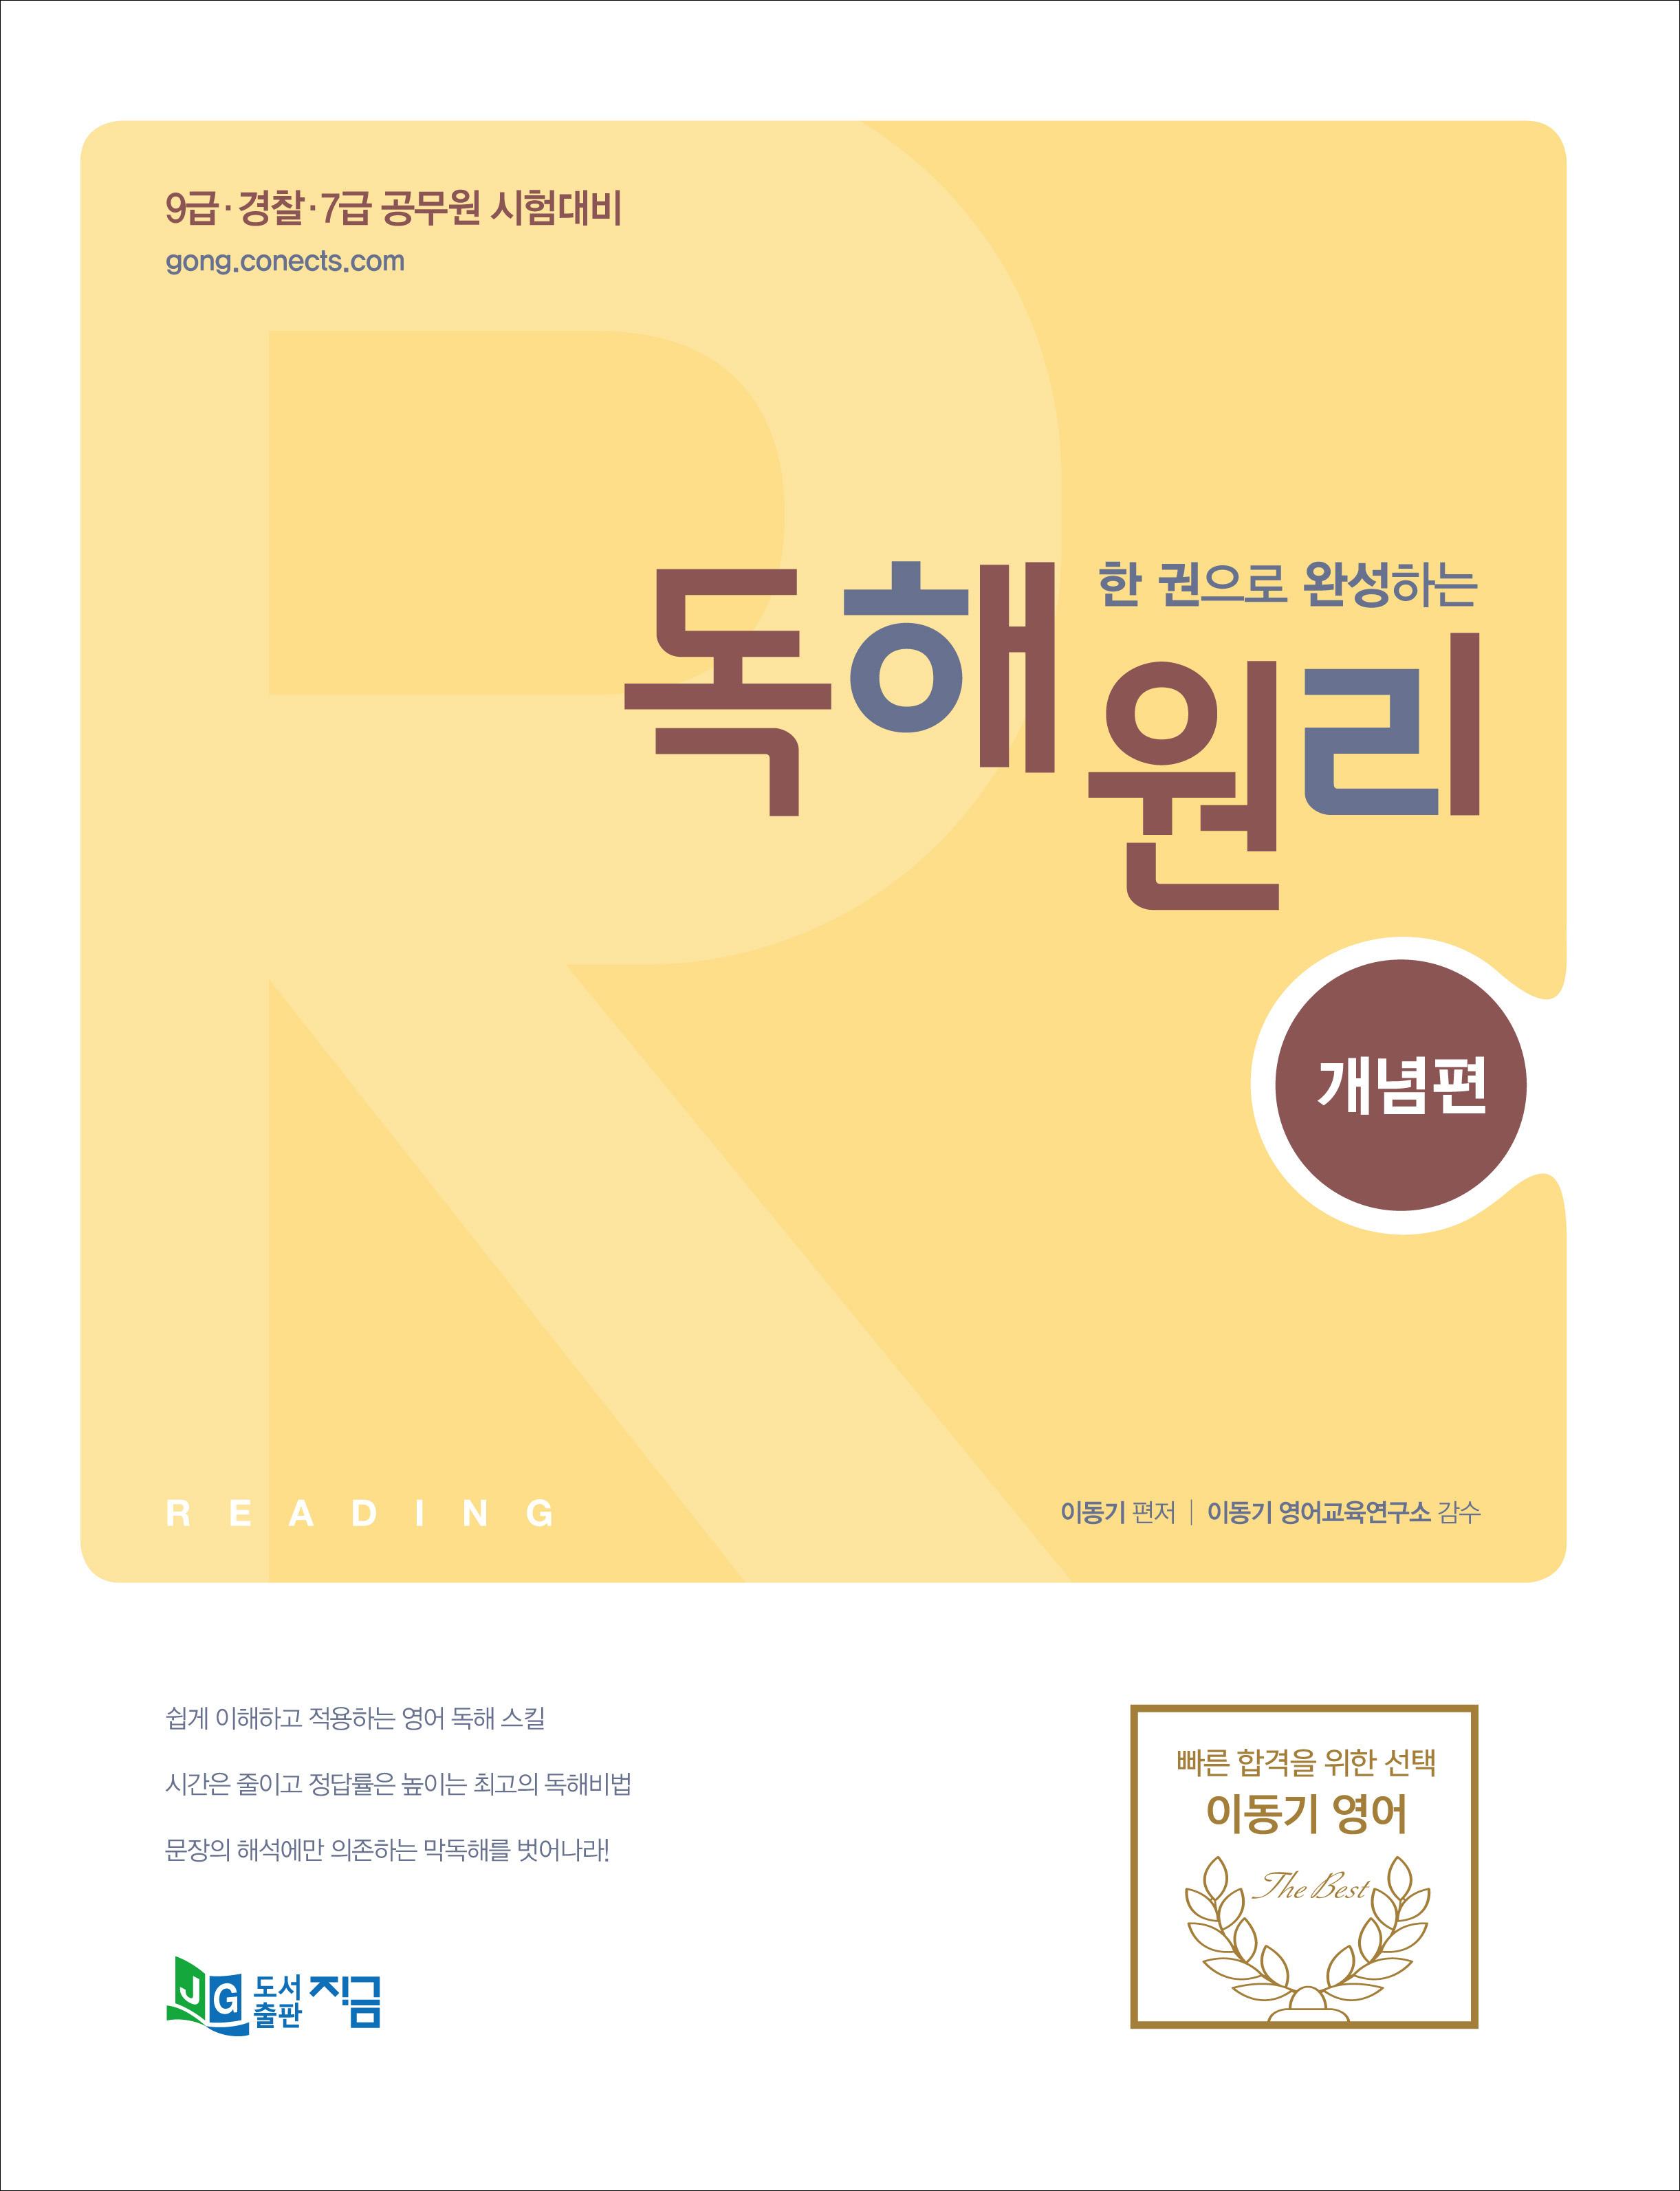 2019 이동기 한 권으로 완성하는 독해원리 [개념편]